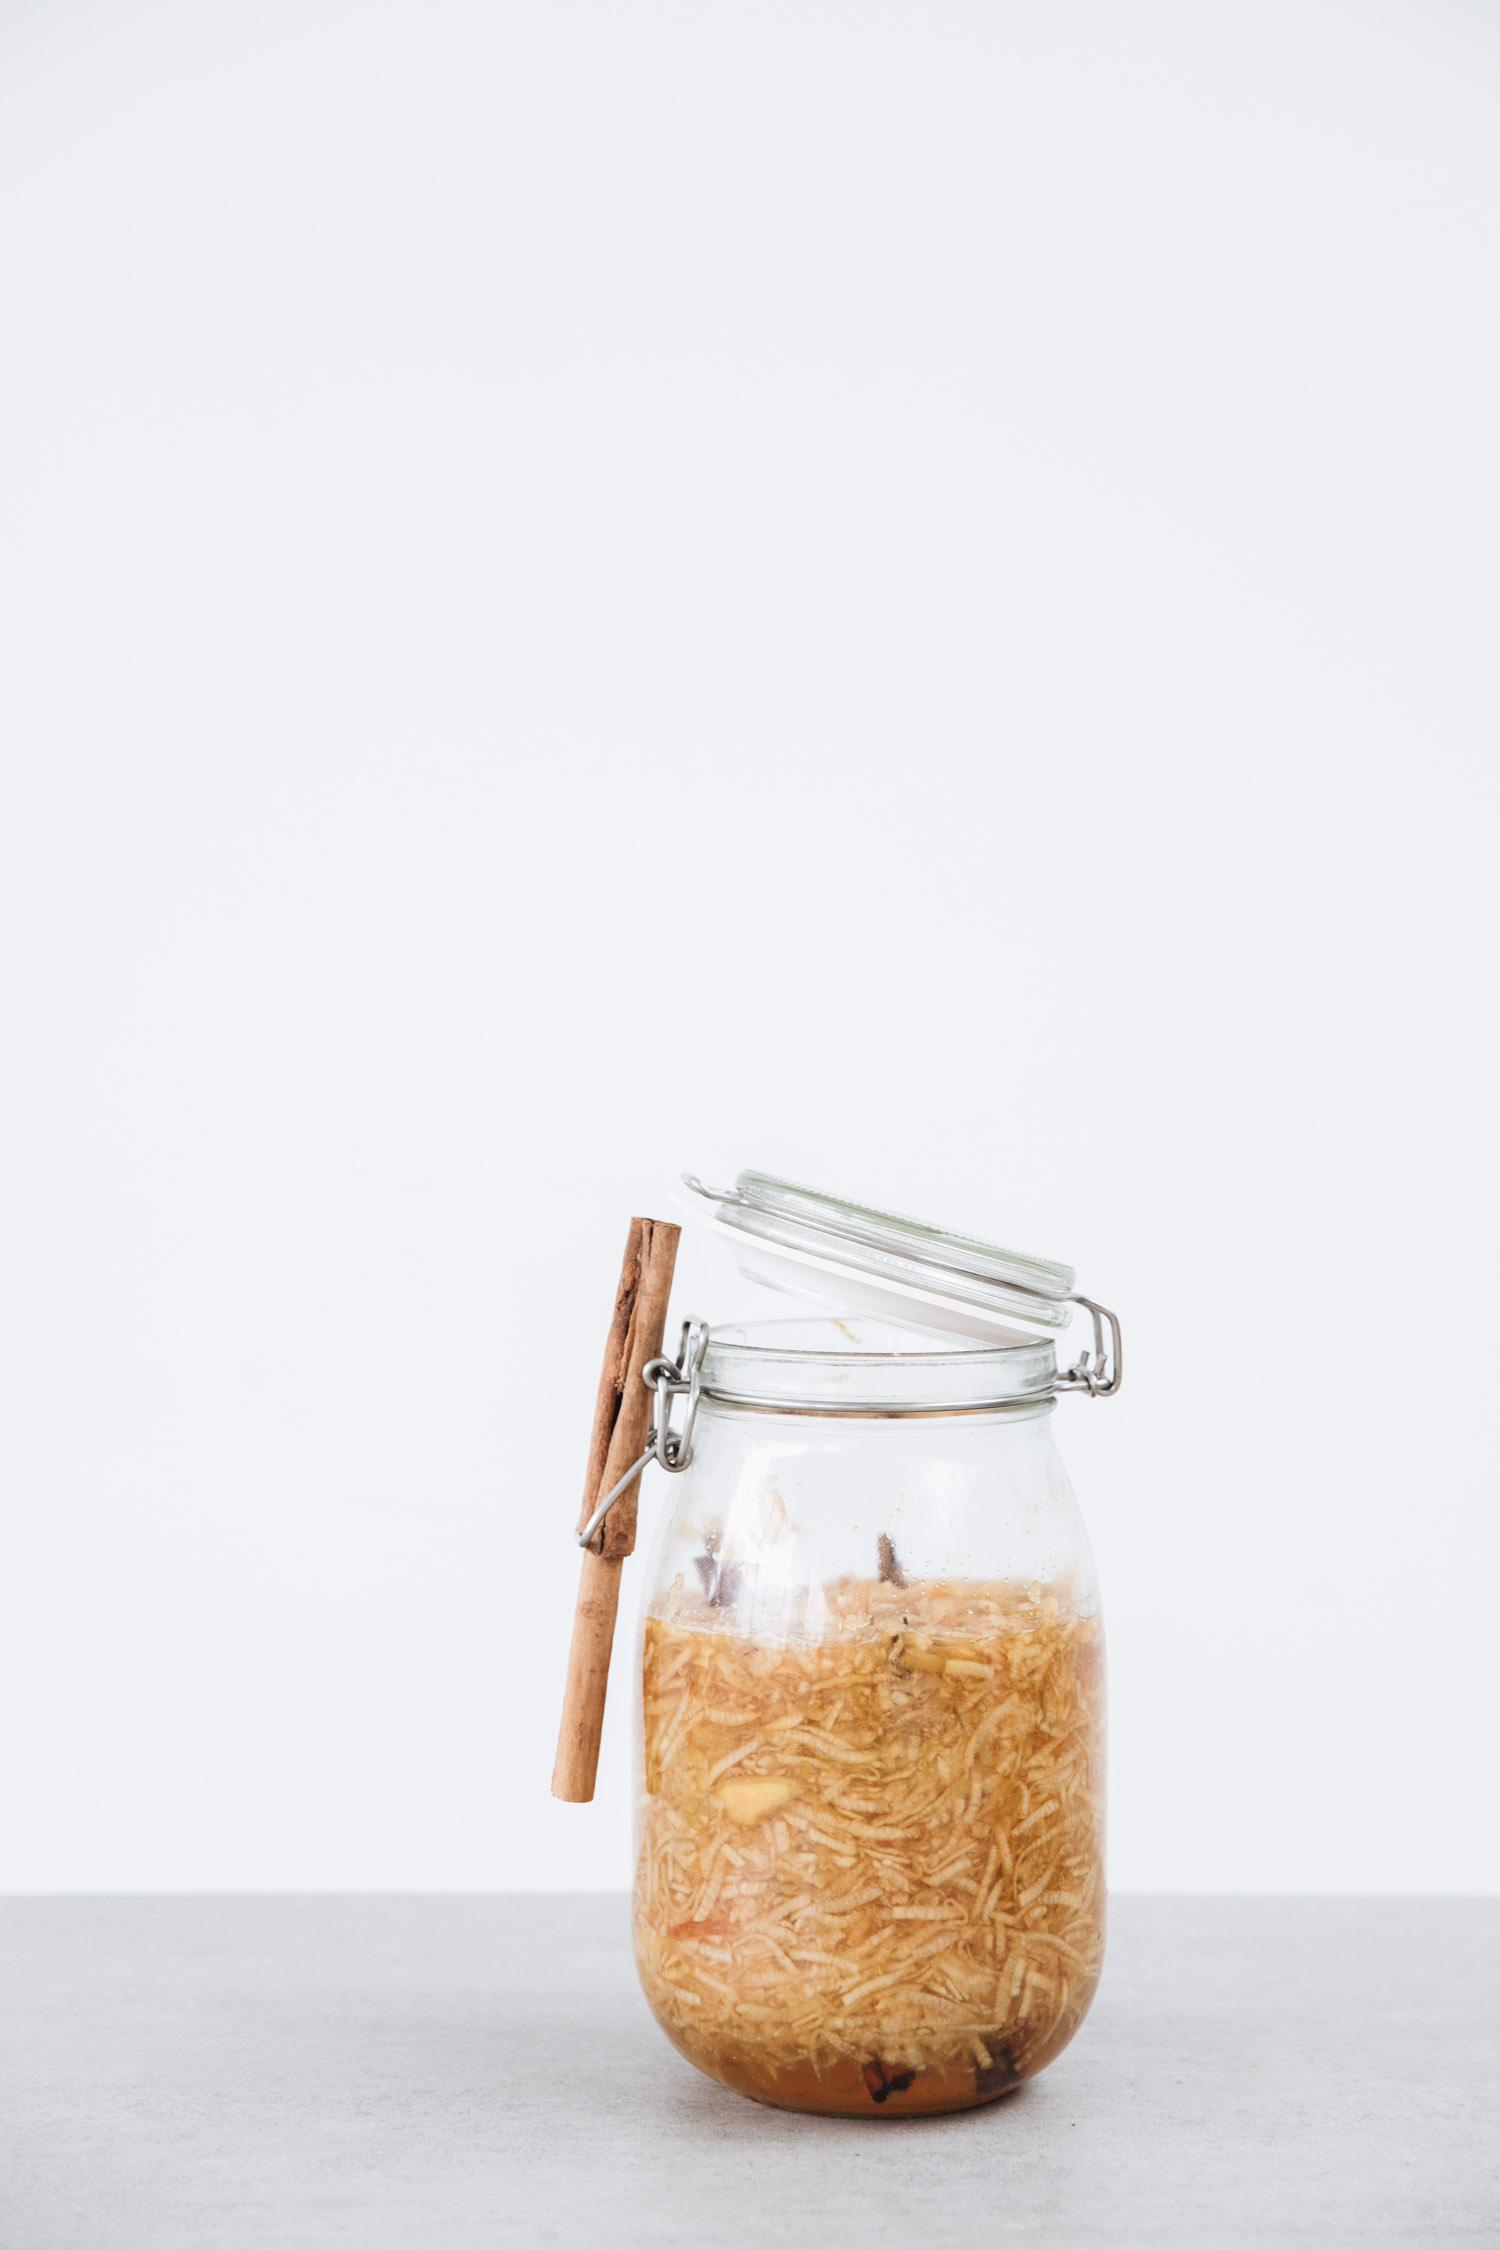 Apple & Cinnamon Shrub